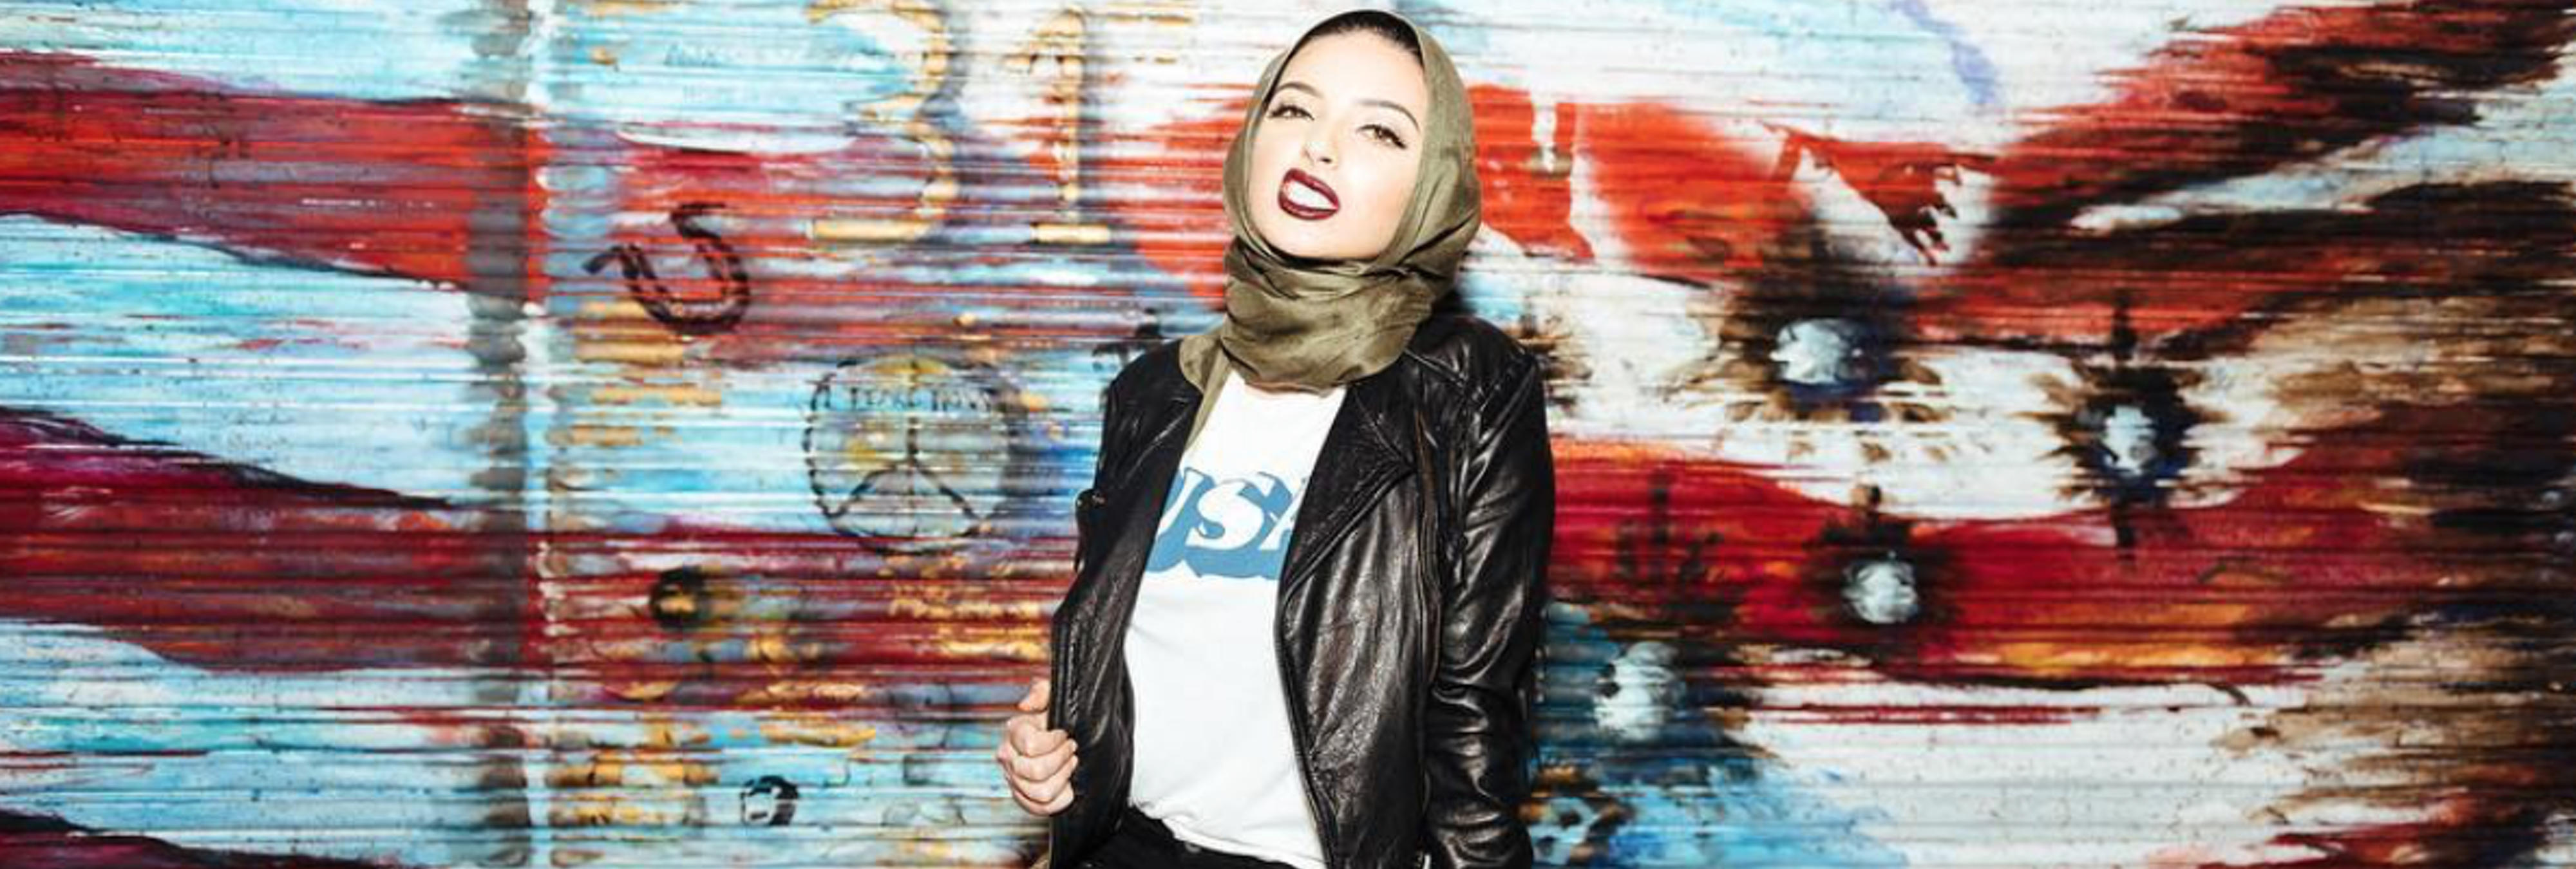 Playboy publica el primer posado de una musulmana con velo de su historia